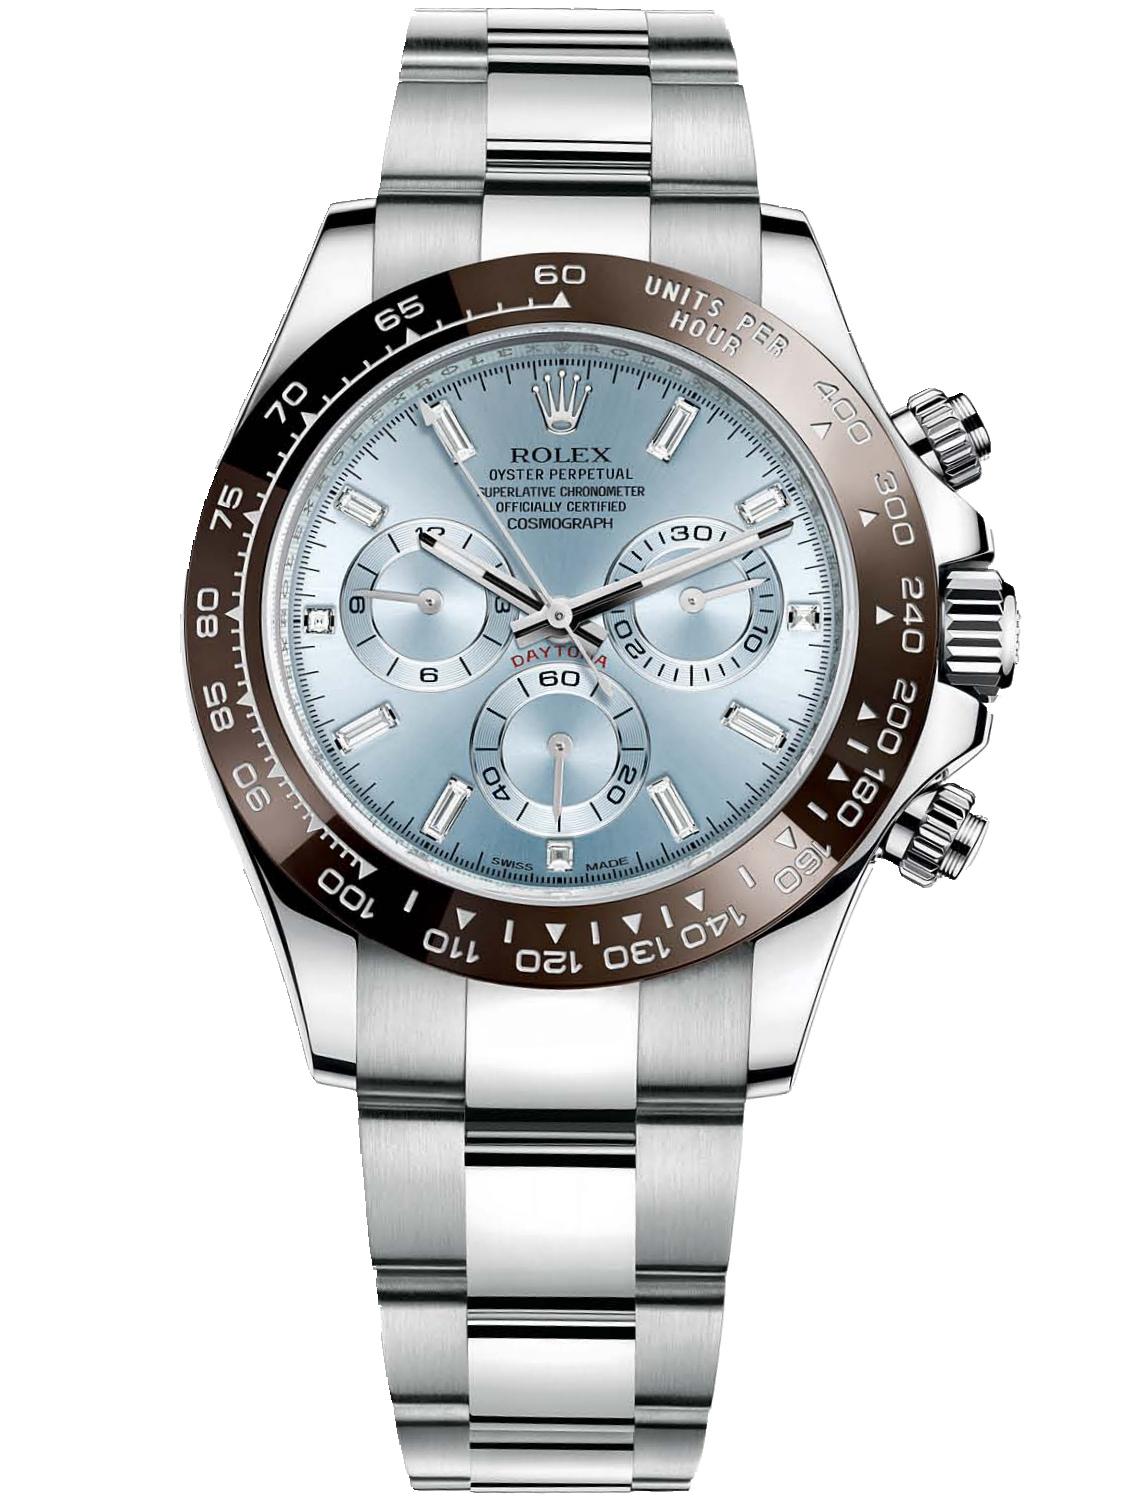 劳力士宇宙计型迪通拿40铂金陶瓷圈冰蓝面钻标男表116506-0002